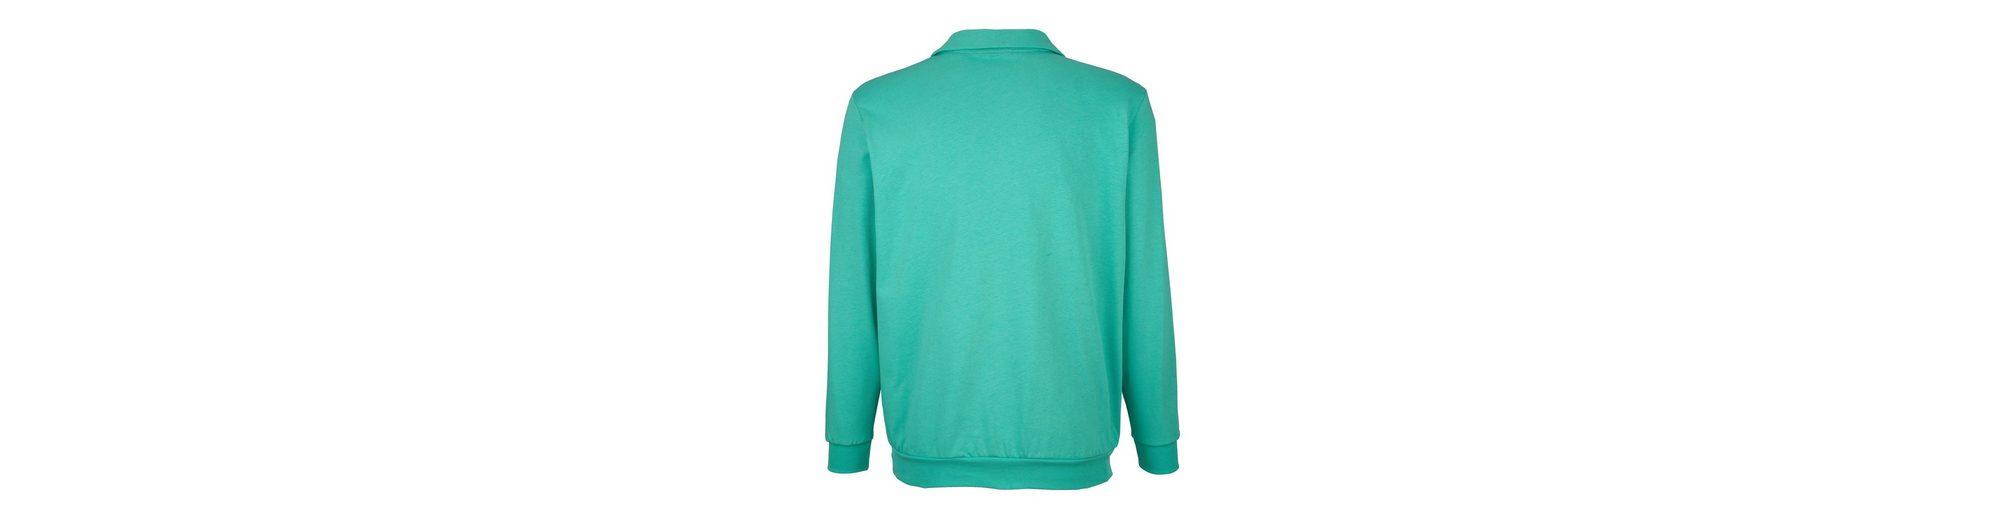 Zum Verkauf Günstigen Preis Aus Deutschland Sneakernews Zum Verkauf Roger Kent Sweatshirt in sommerleichter Qualität ydYdD6u